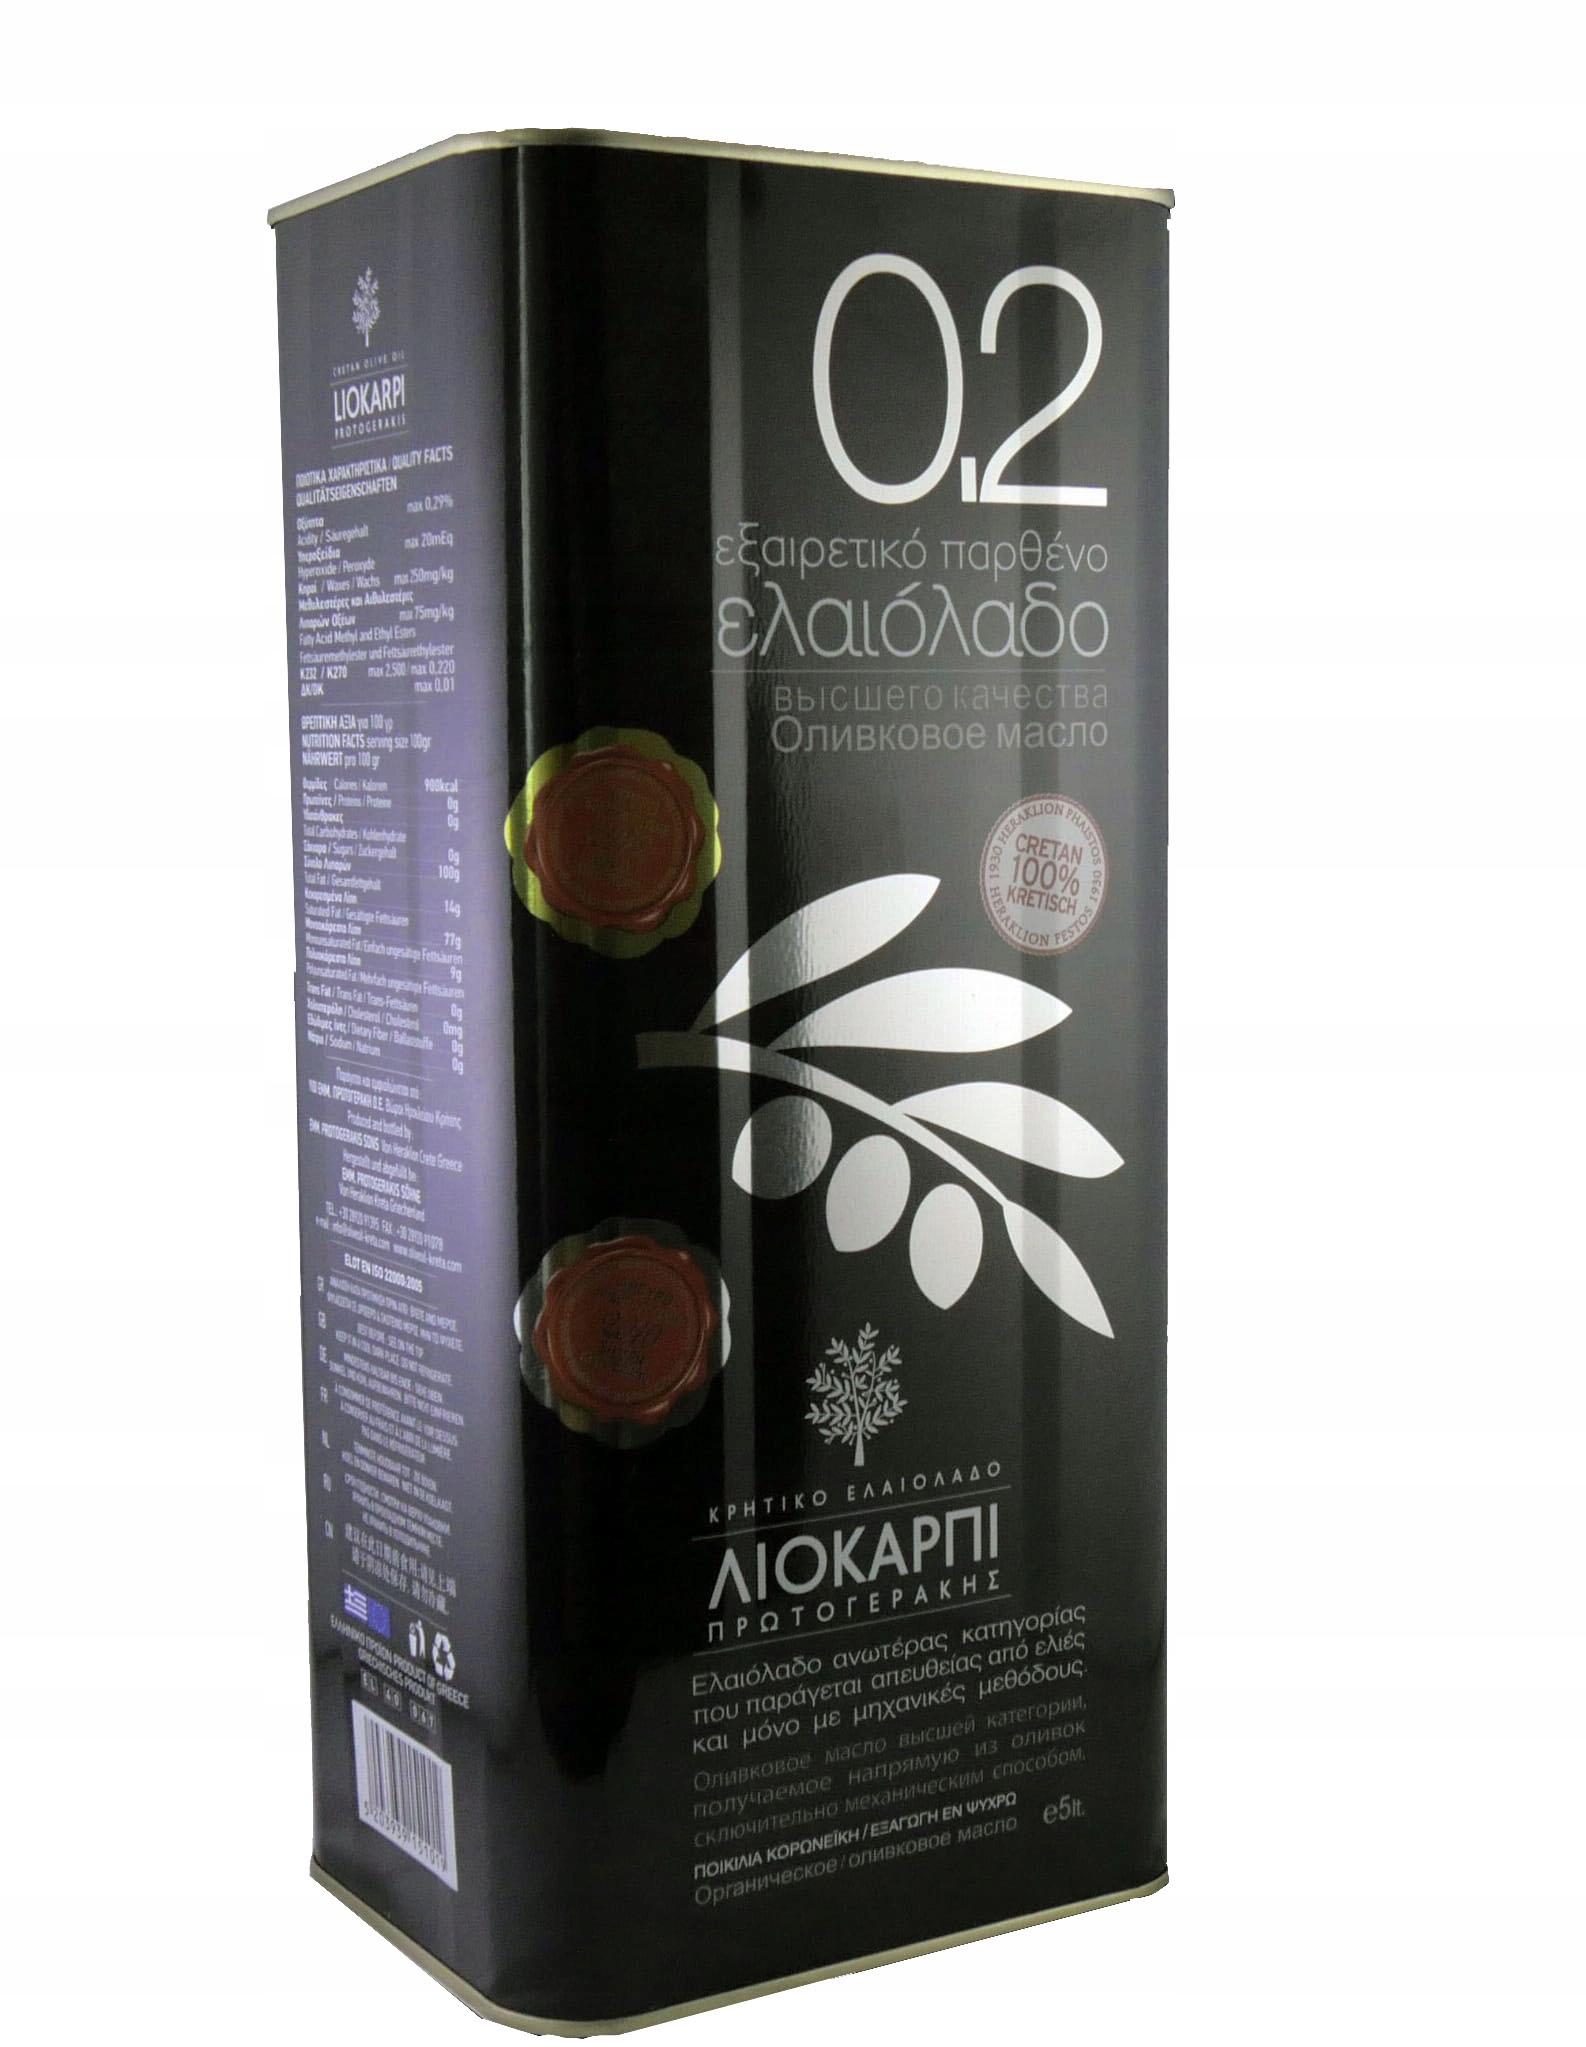 Olivový olej extra panenský 0,2, 5L ( Liokarpi )